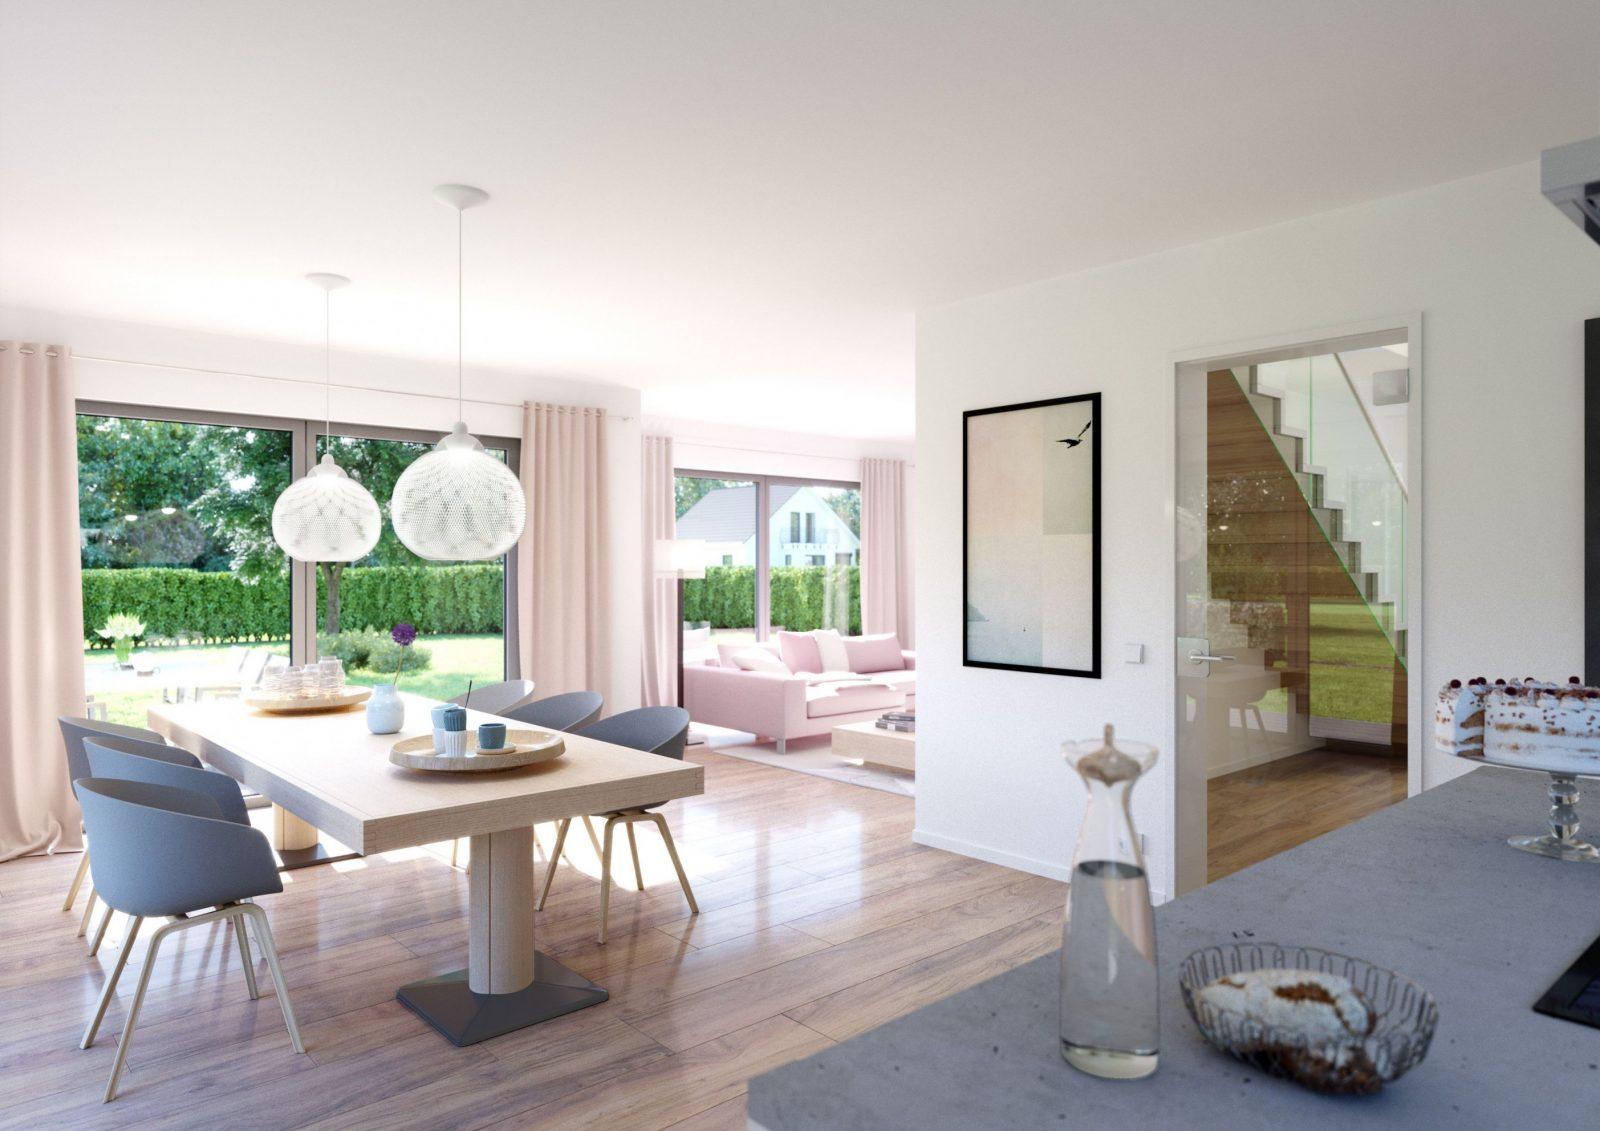 Familienhäuser  Saxli  Kern Haus Familienhaus Und Wohn Esszimmer von Moderne Wohnzimmer Mit Offener Küche Photo